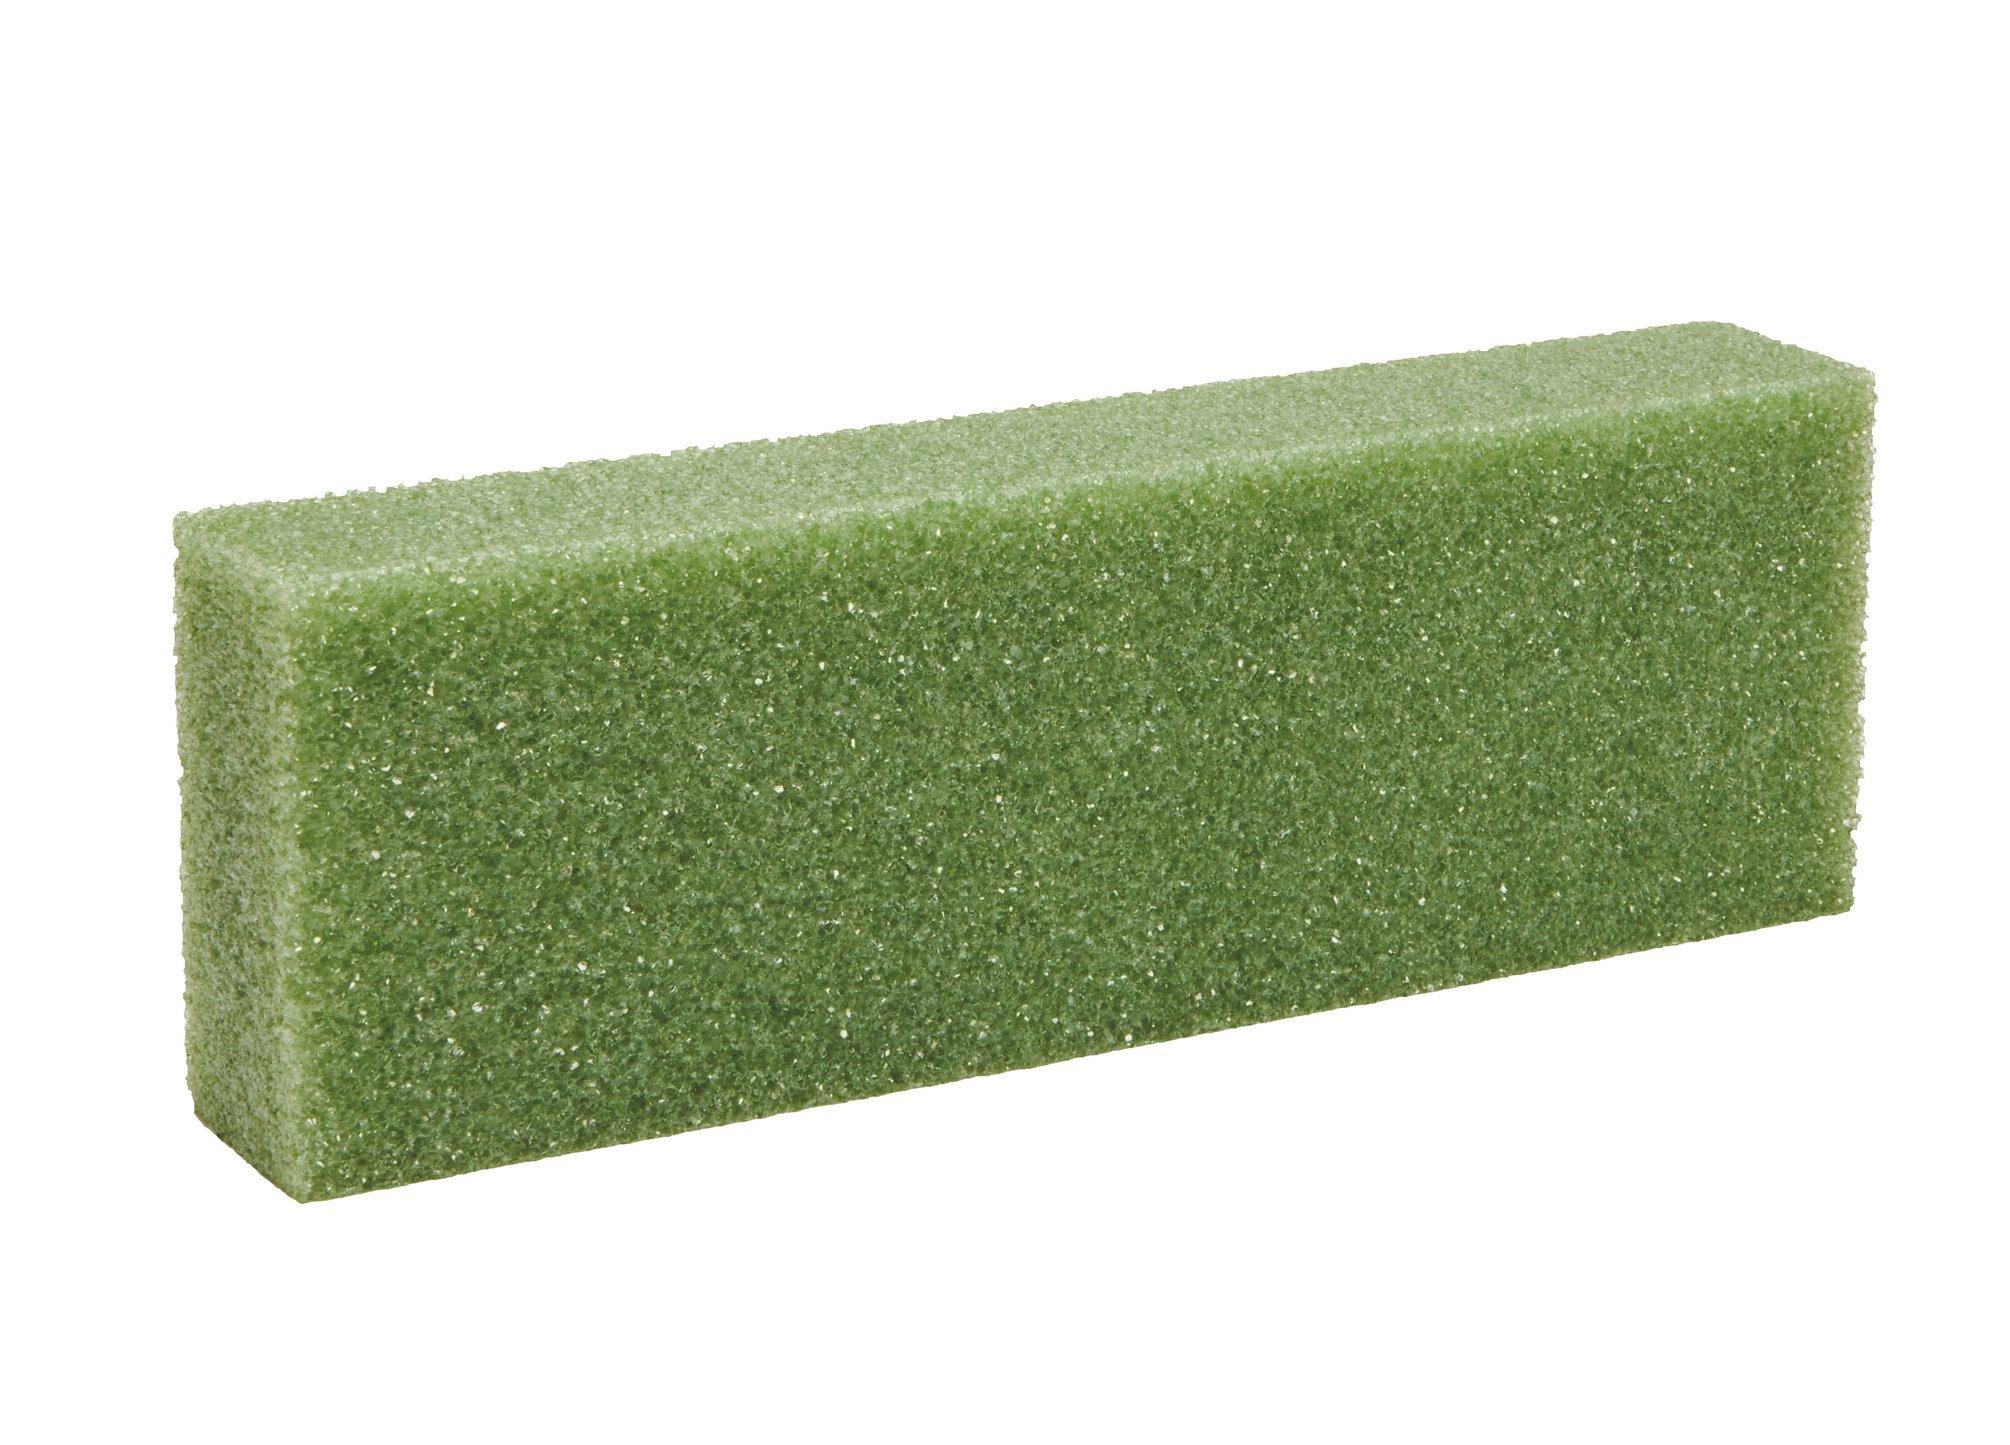 FloraCraft Packaged Styrofoam Blocks, 12-Inch-by-4-by-2-Inch, Green Block